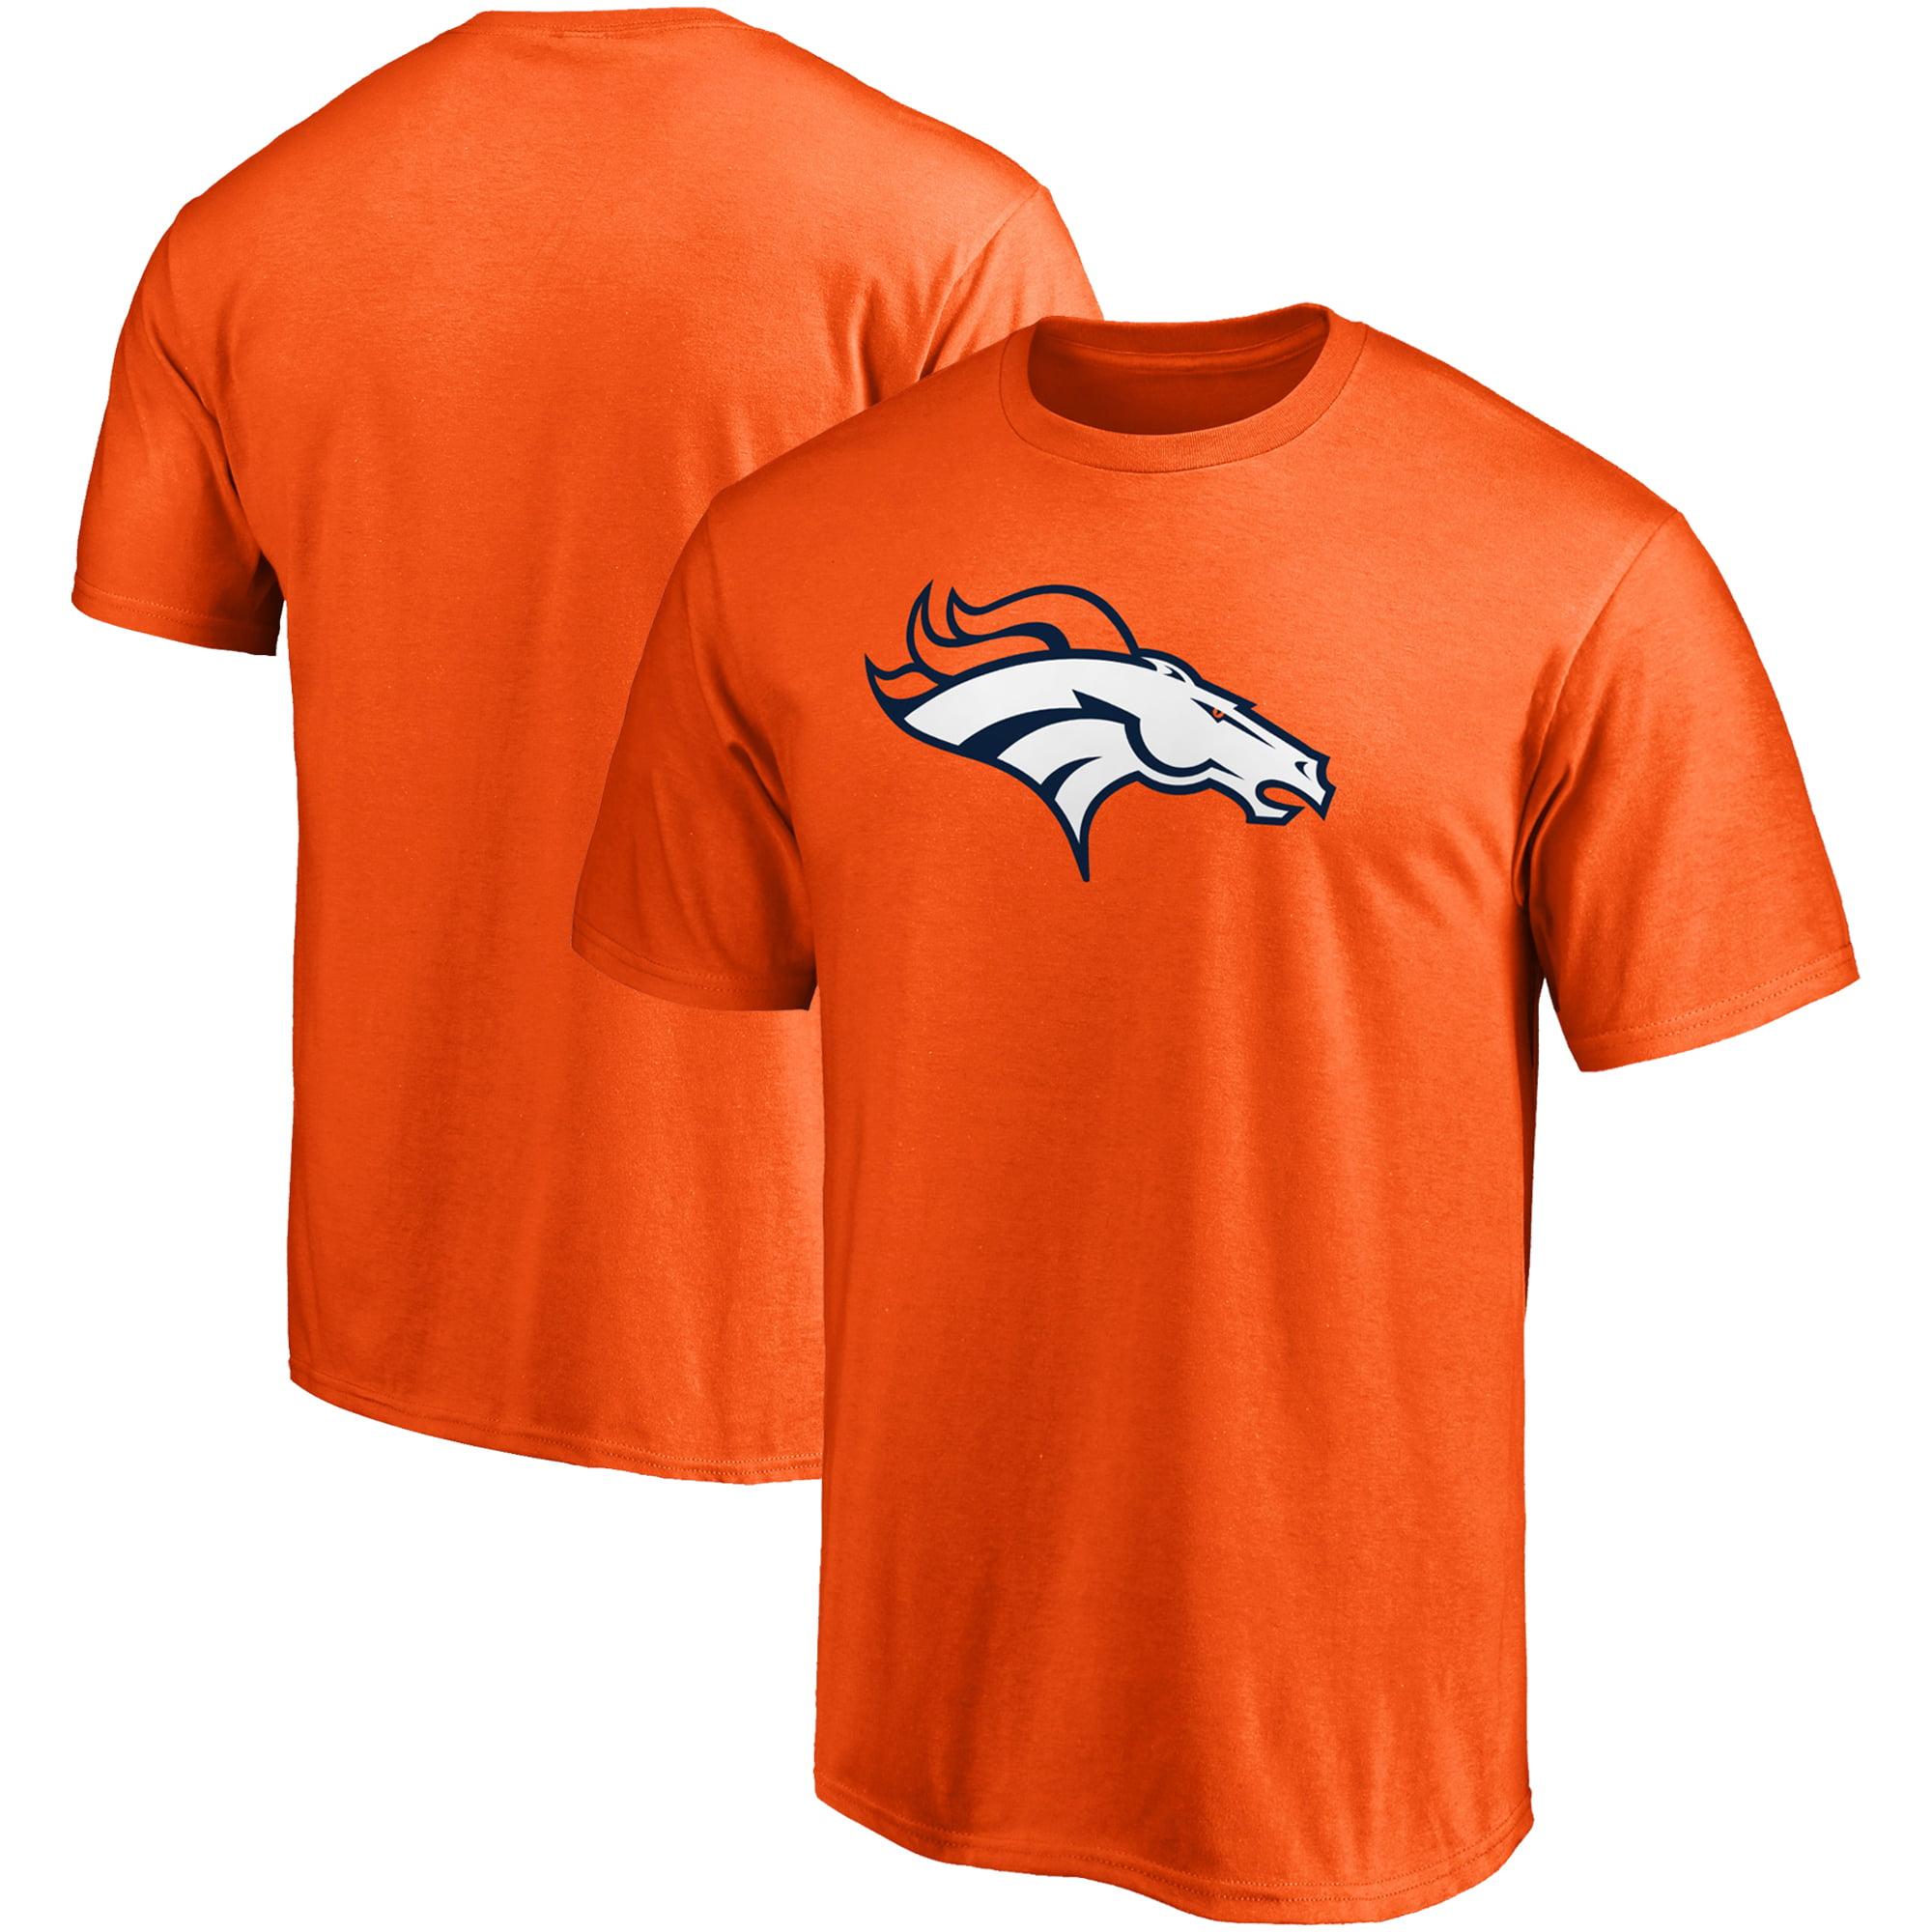 Denver Broncos NFL Pro Line Primary Logo T-Shirt - Orange